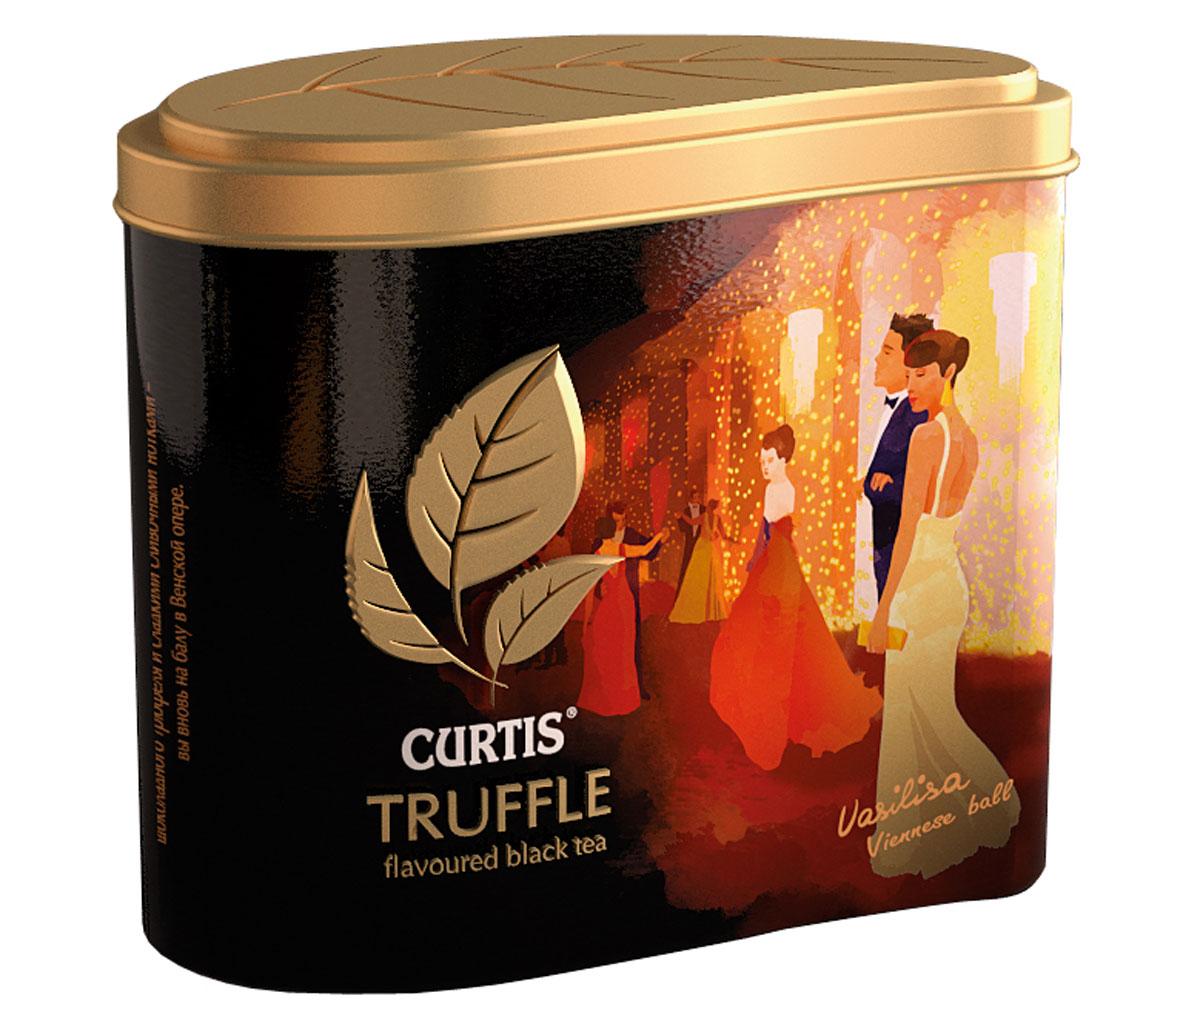 Curtis Truffle Black Tea черный листовой чай, 80 г0120710Curtis Truffle Black Tea - это крупнолистовой цейлонский черный чай со вкусом трюфеля. Шоколадный бархатный вкус черного чая с тонкой сливочной нотой и зернами какао погрузит в сладкие мечты. Окунитесь в мир соблазна с чаем Curtis Truffle Black Tea.